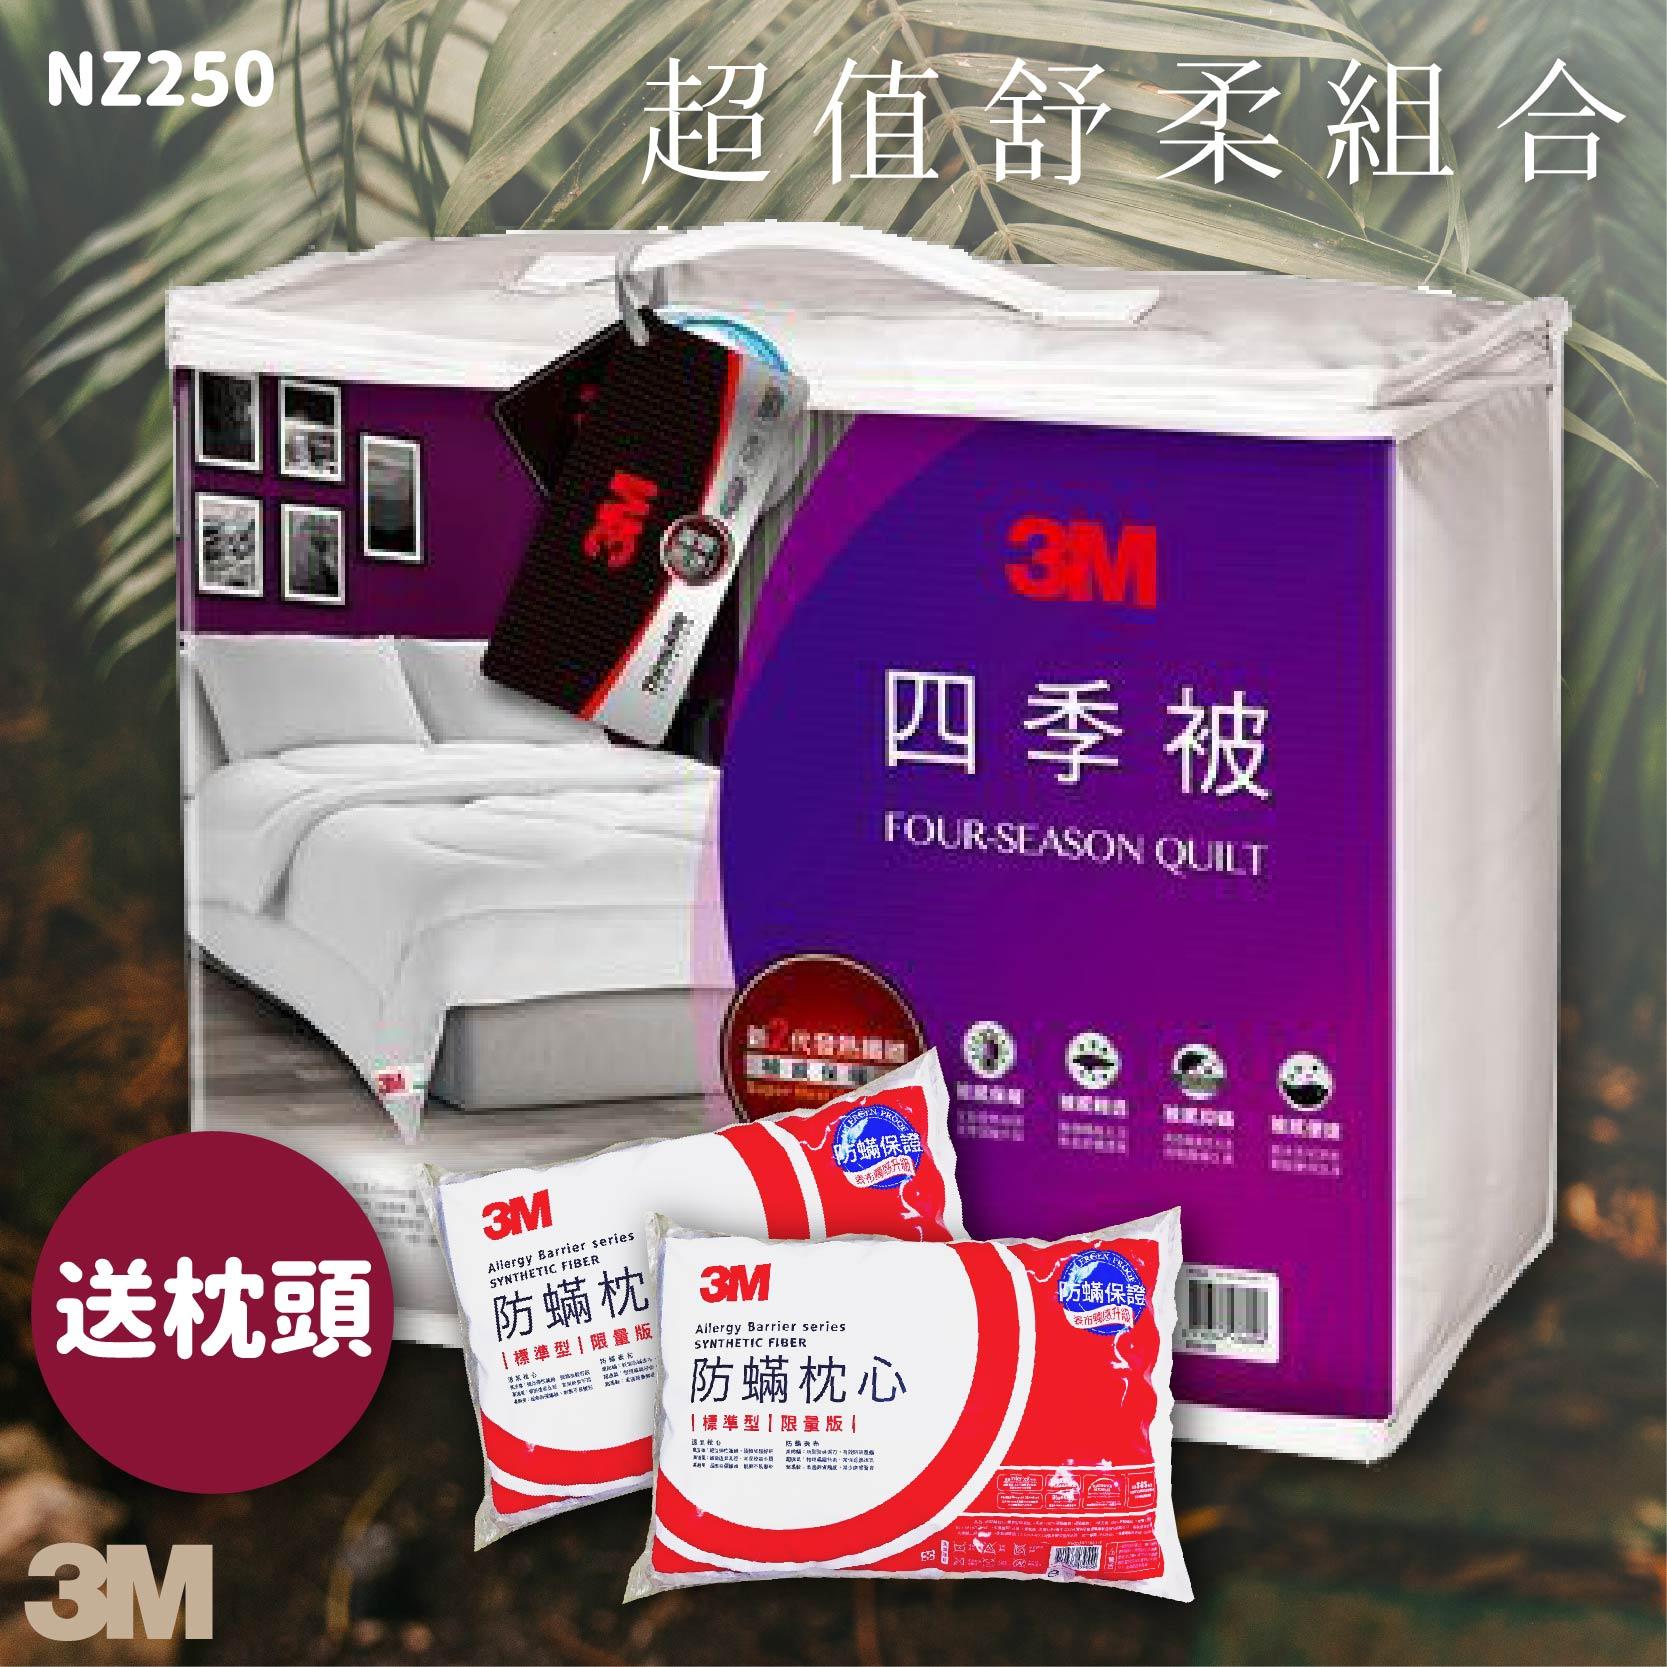 《買棉被送枕頭》3M NZ250 四季被 標準雙人 送 3M防蹣枕頭標準型2入 防蹣 枕頭 棉被 被子 透氣 可水洗